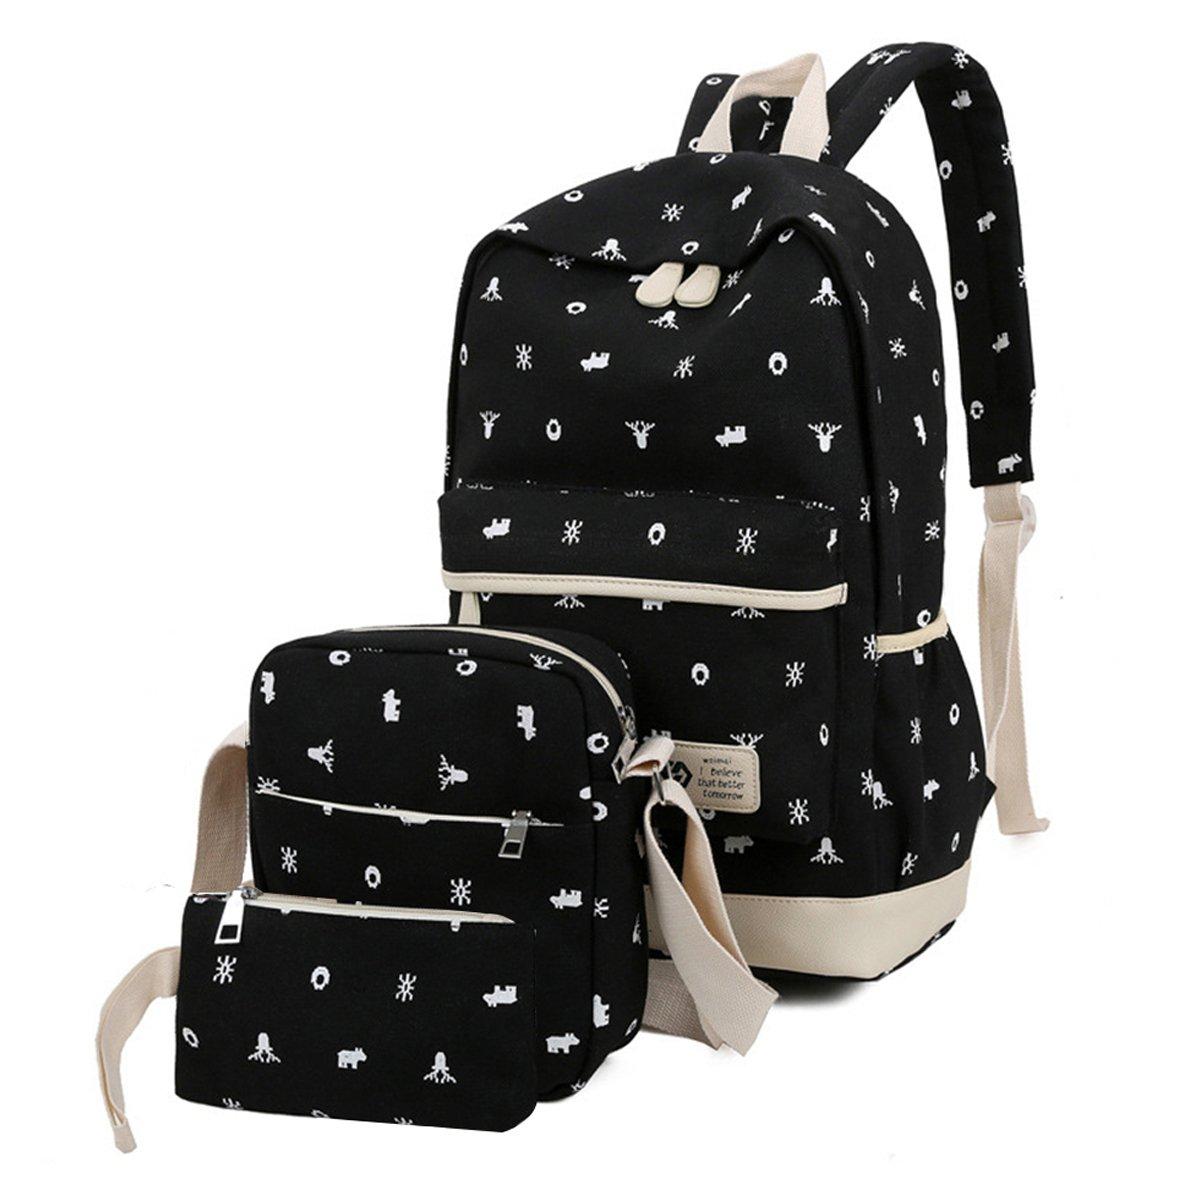 Zehui Casual Lightweight Canvas Wallet/Shoulder Bag/School Backpack Printed Bags Set Black One Size